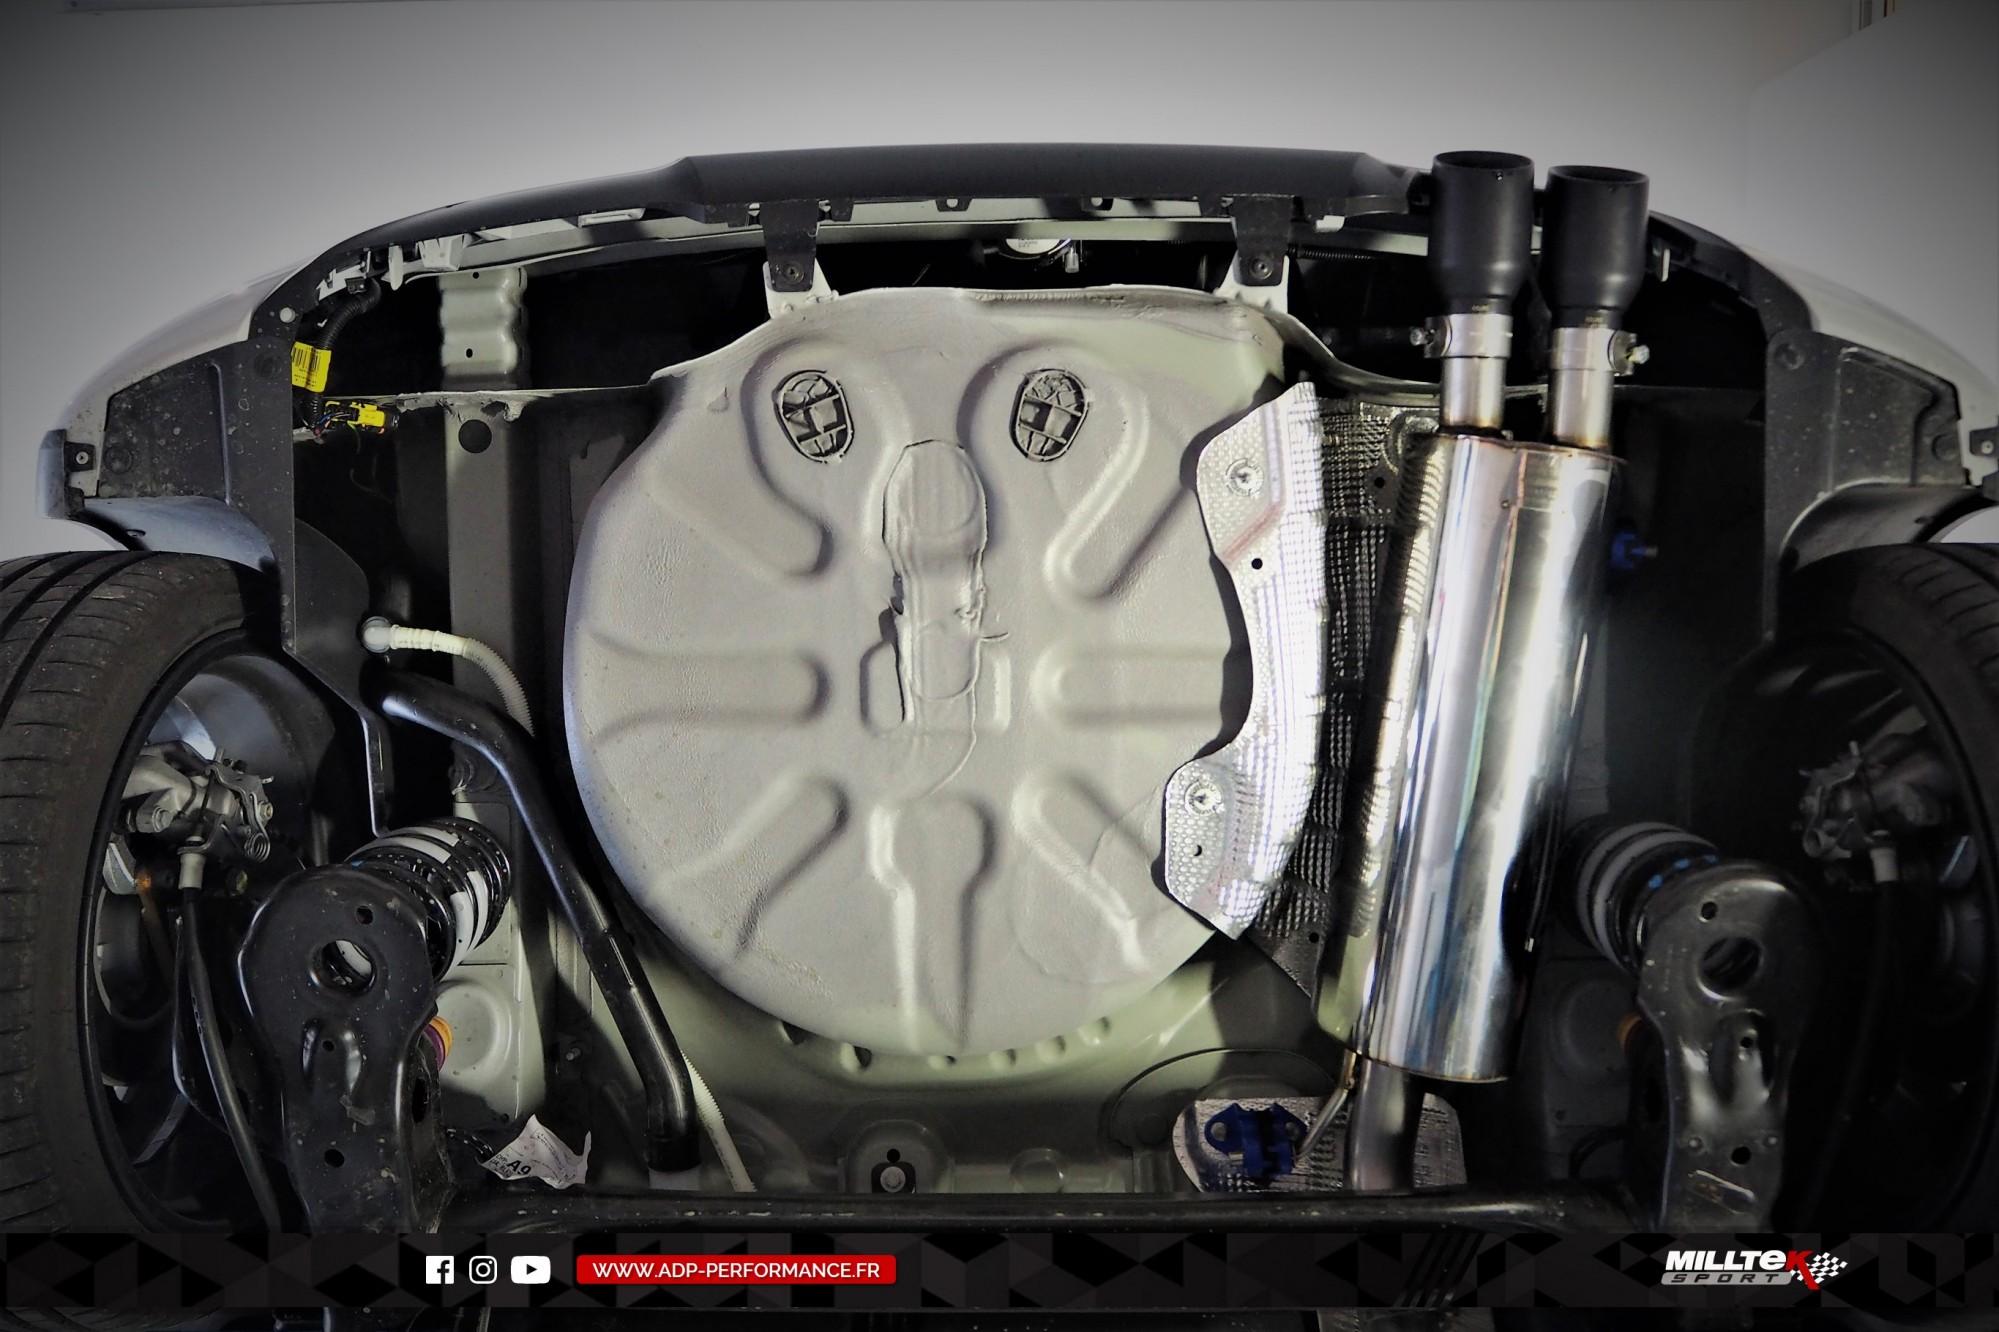 Ligne d'échappement (cat-back) Milltek Marseille - Peugeot 208 GTI 1.6 THP 208cv - ADP Performance